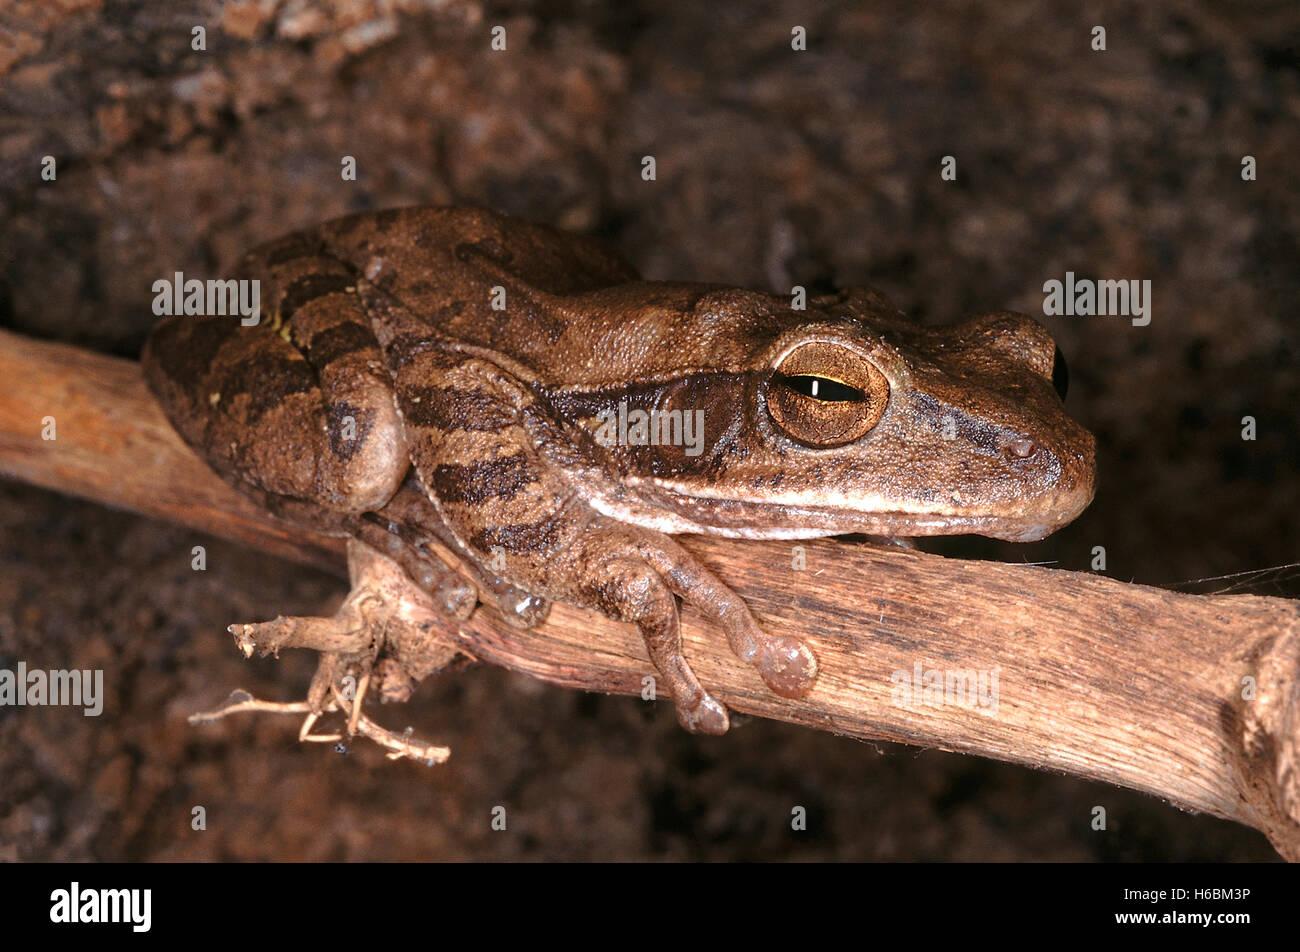 Polypedates maculatus. comune raganella. Una di medie dimensioni rana che si trova in umido bosco di latifoglie Immagini Stock